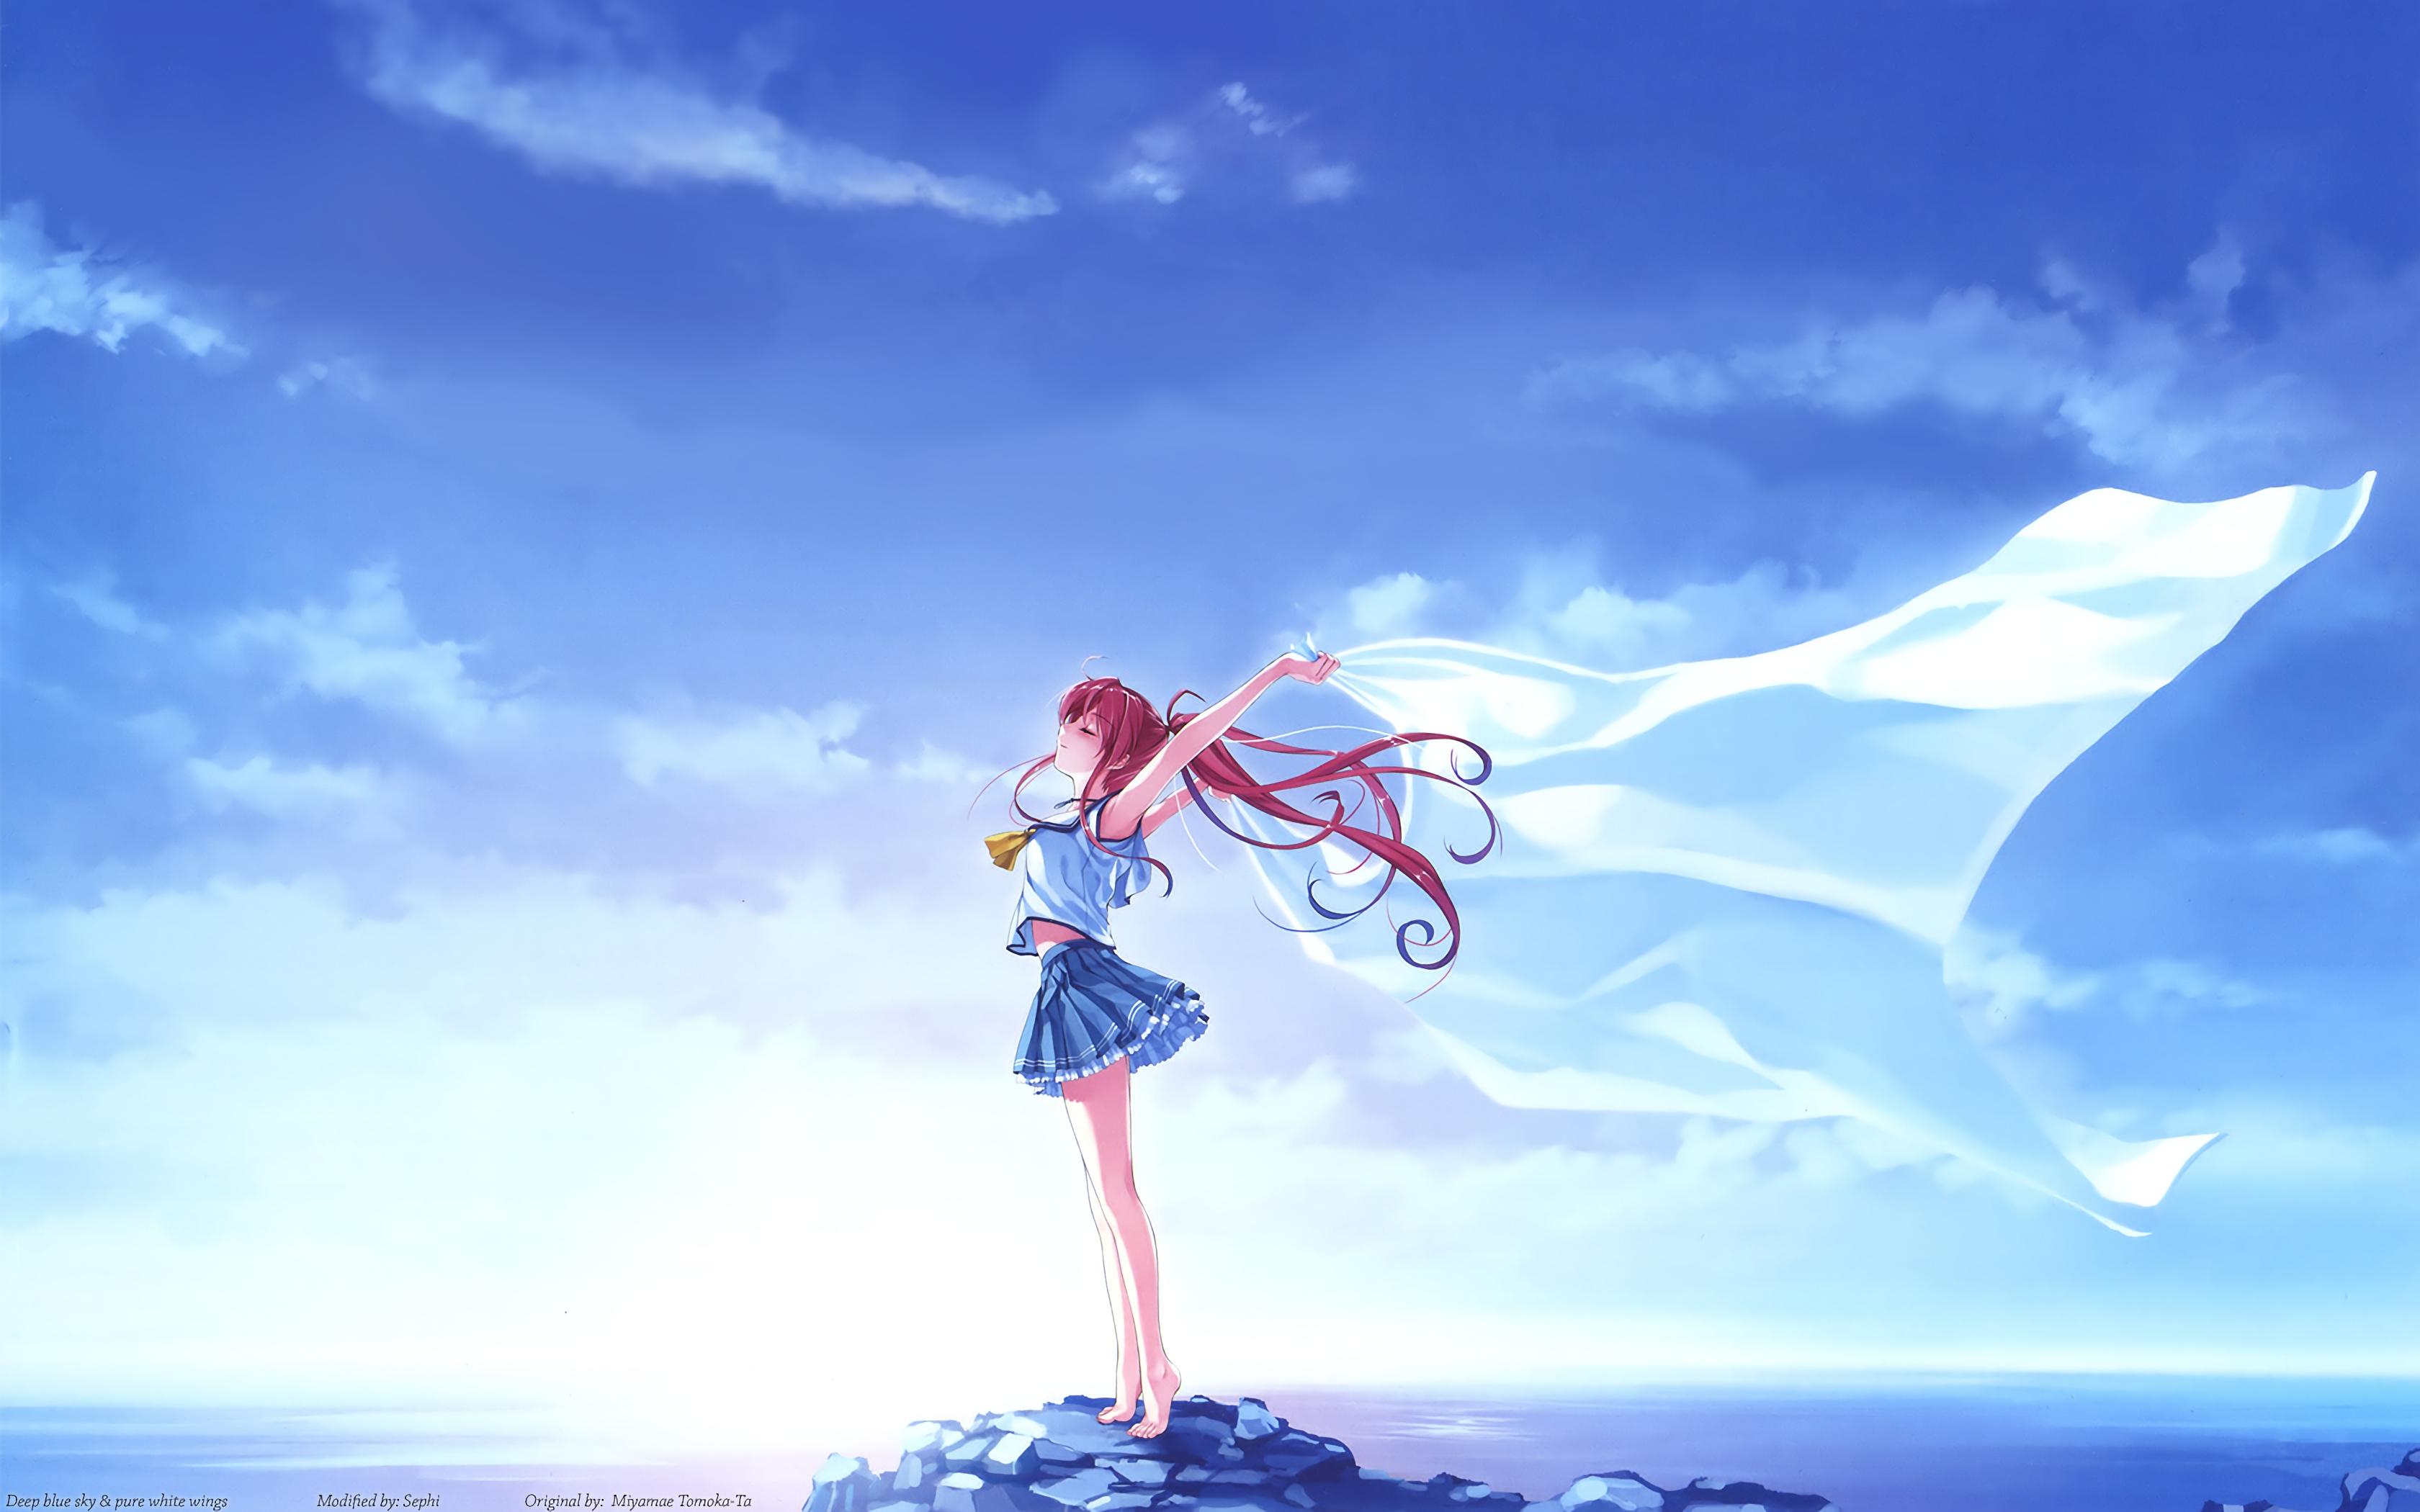 Anime Deep Blue Sky Pure White Wings 4k, HD Anime, 4k ...